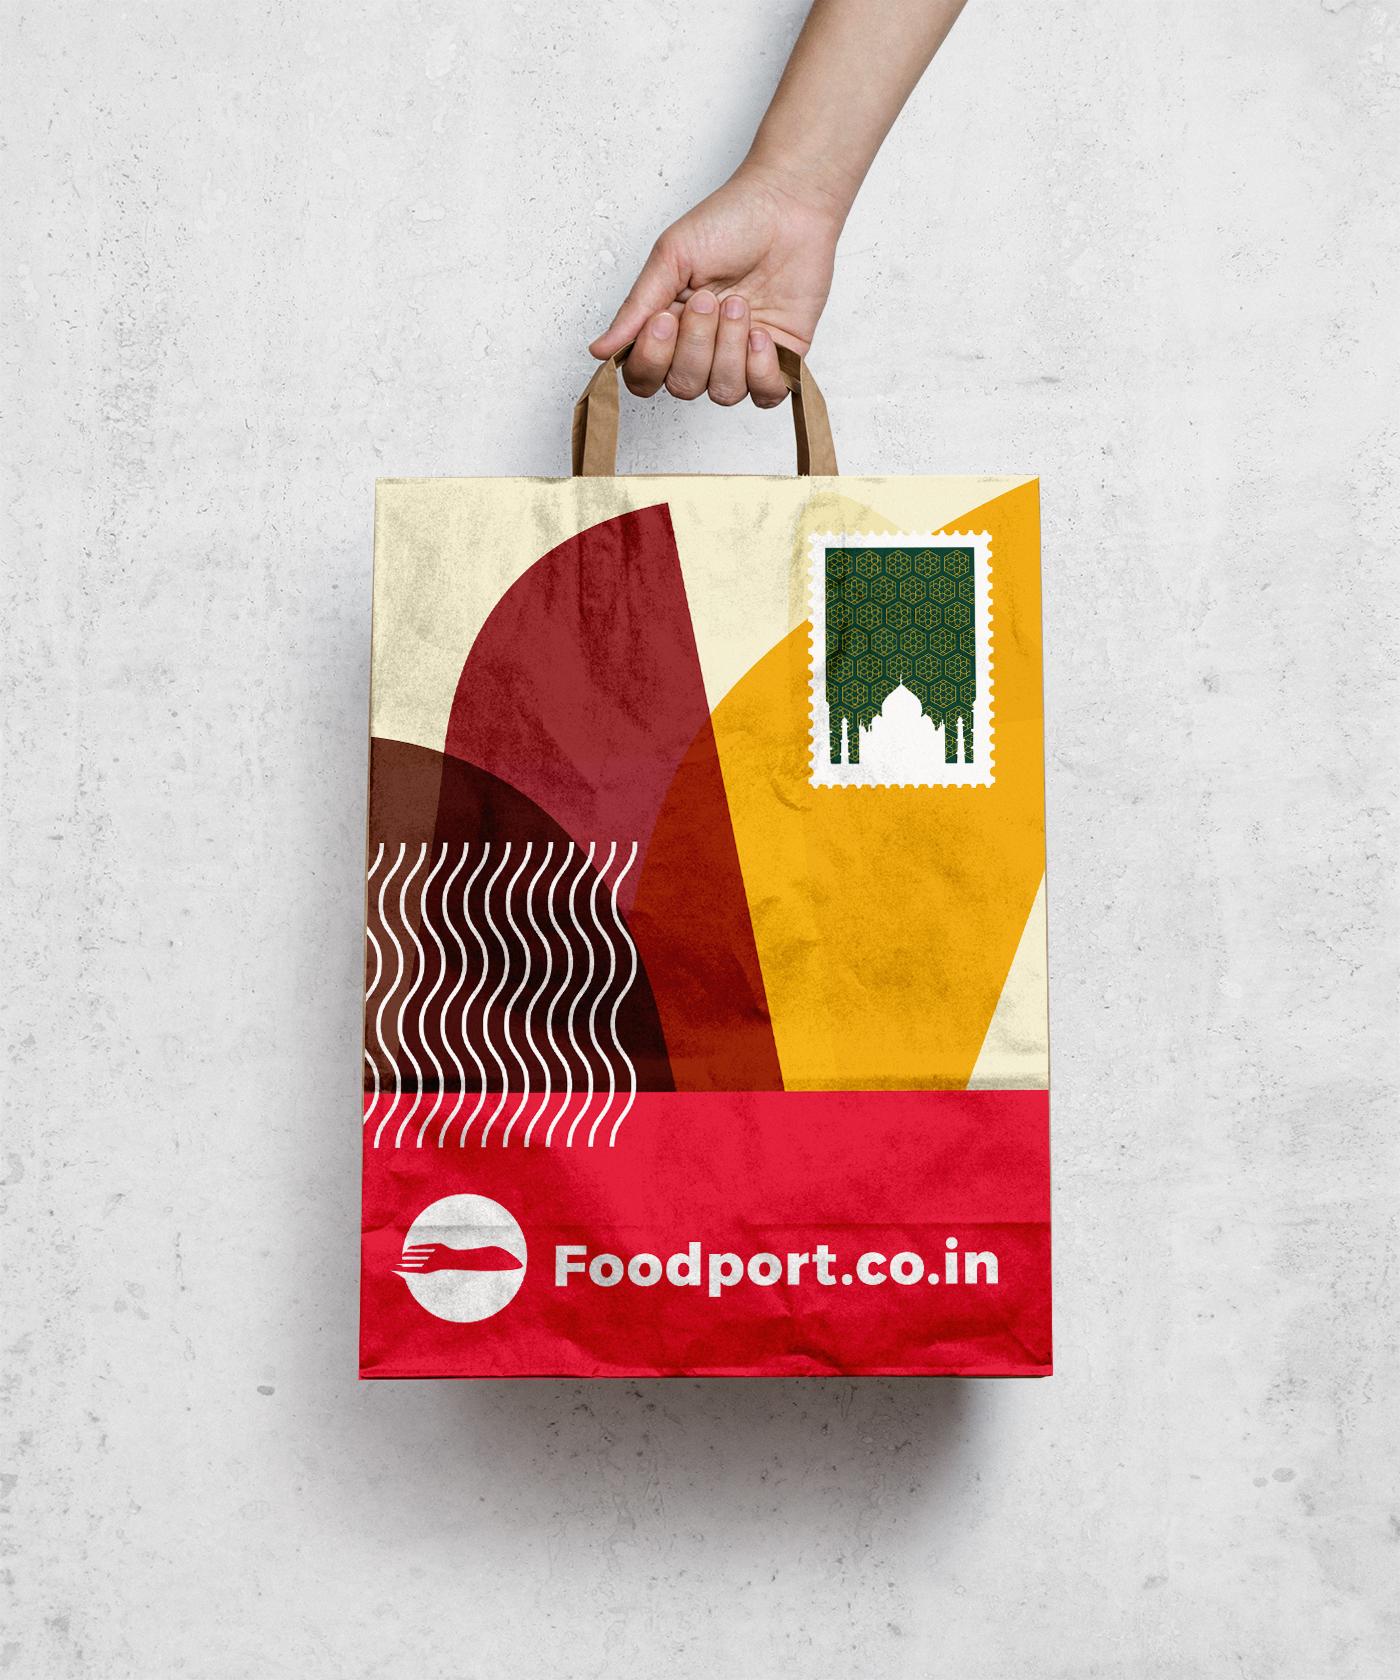 foodport_packaging_bag